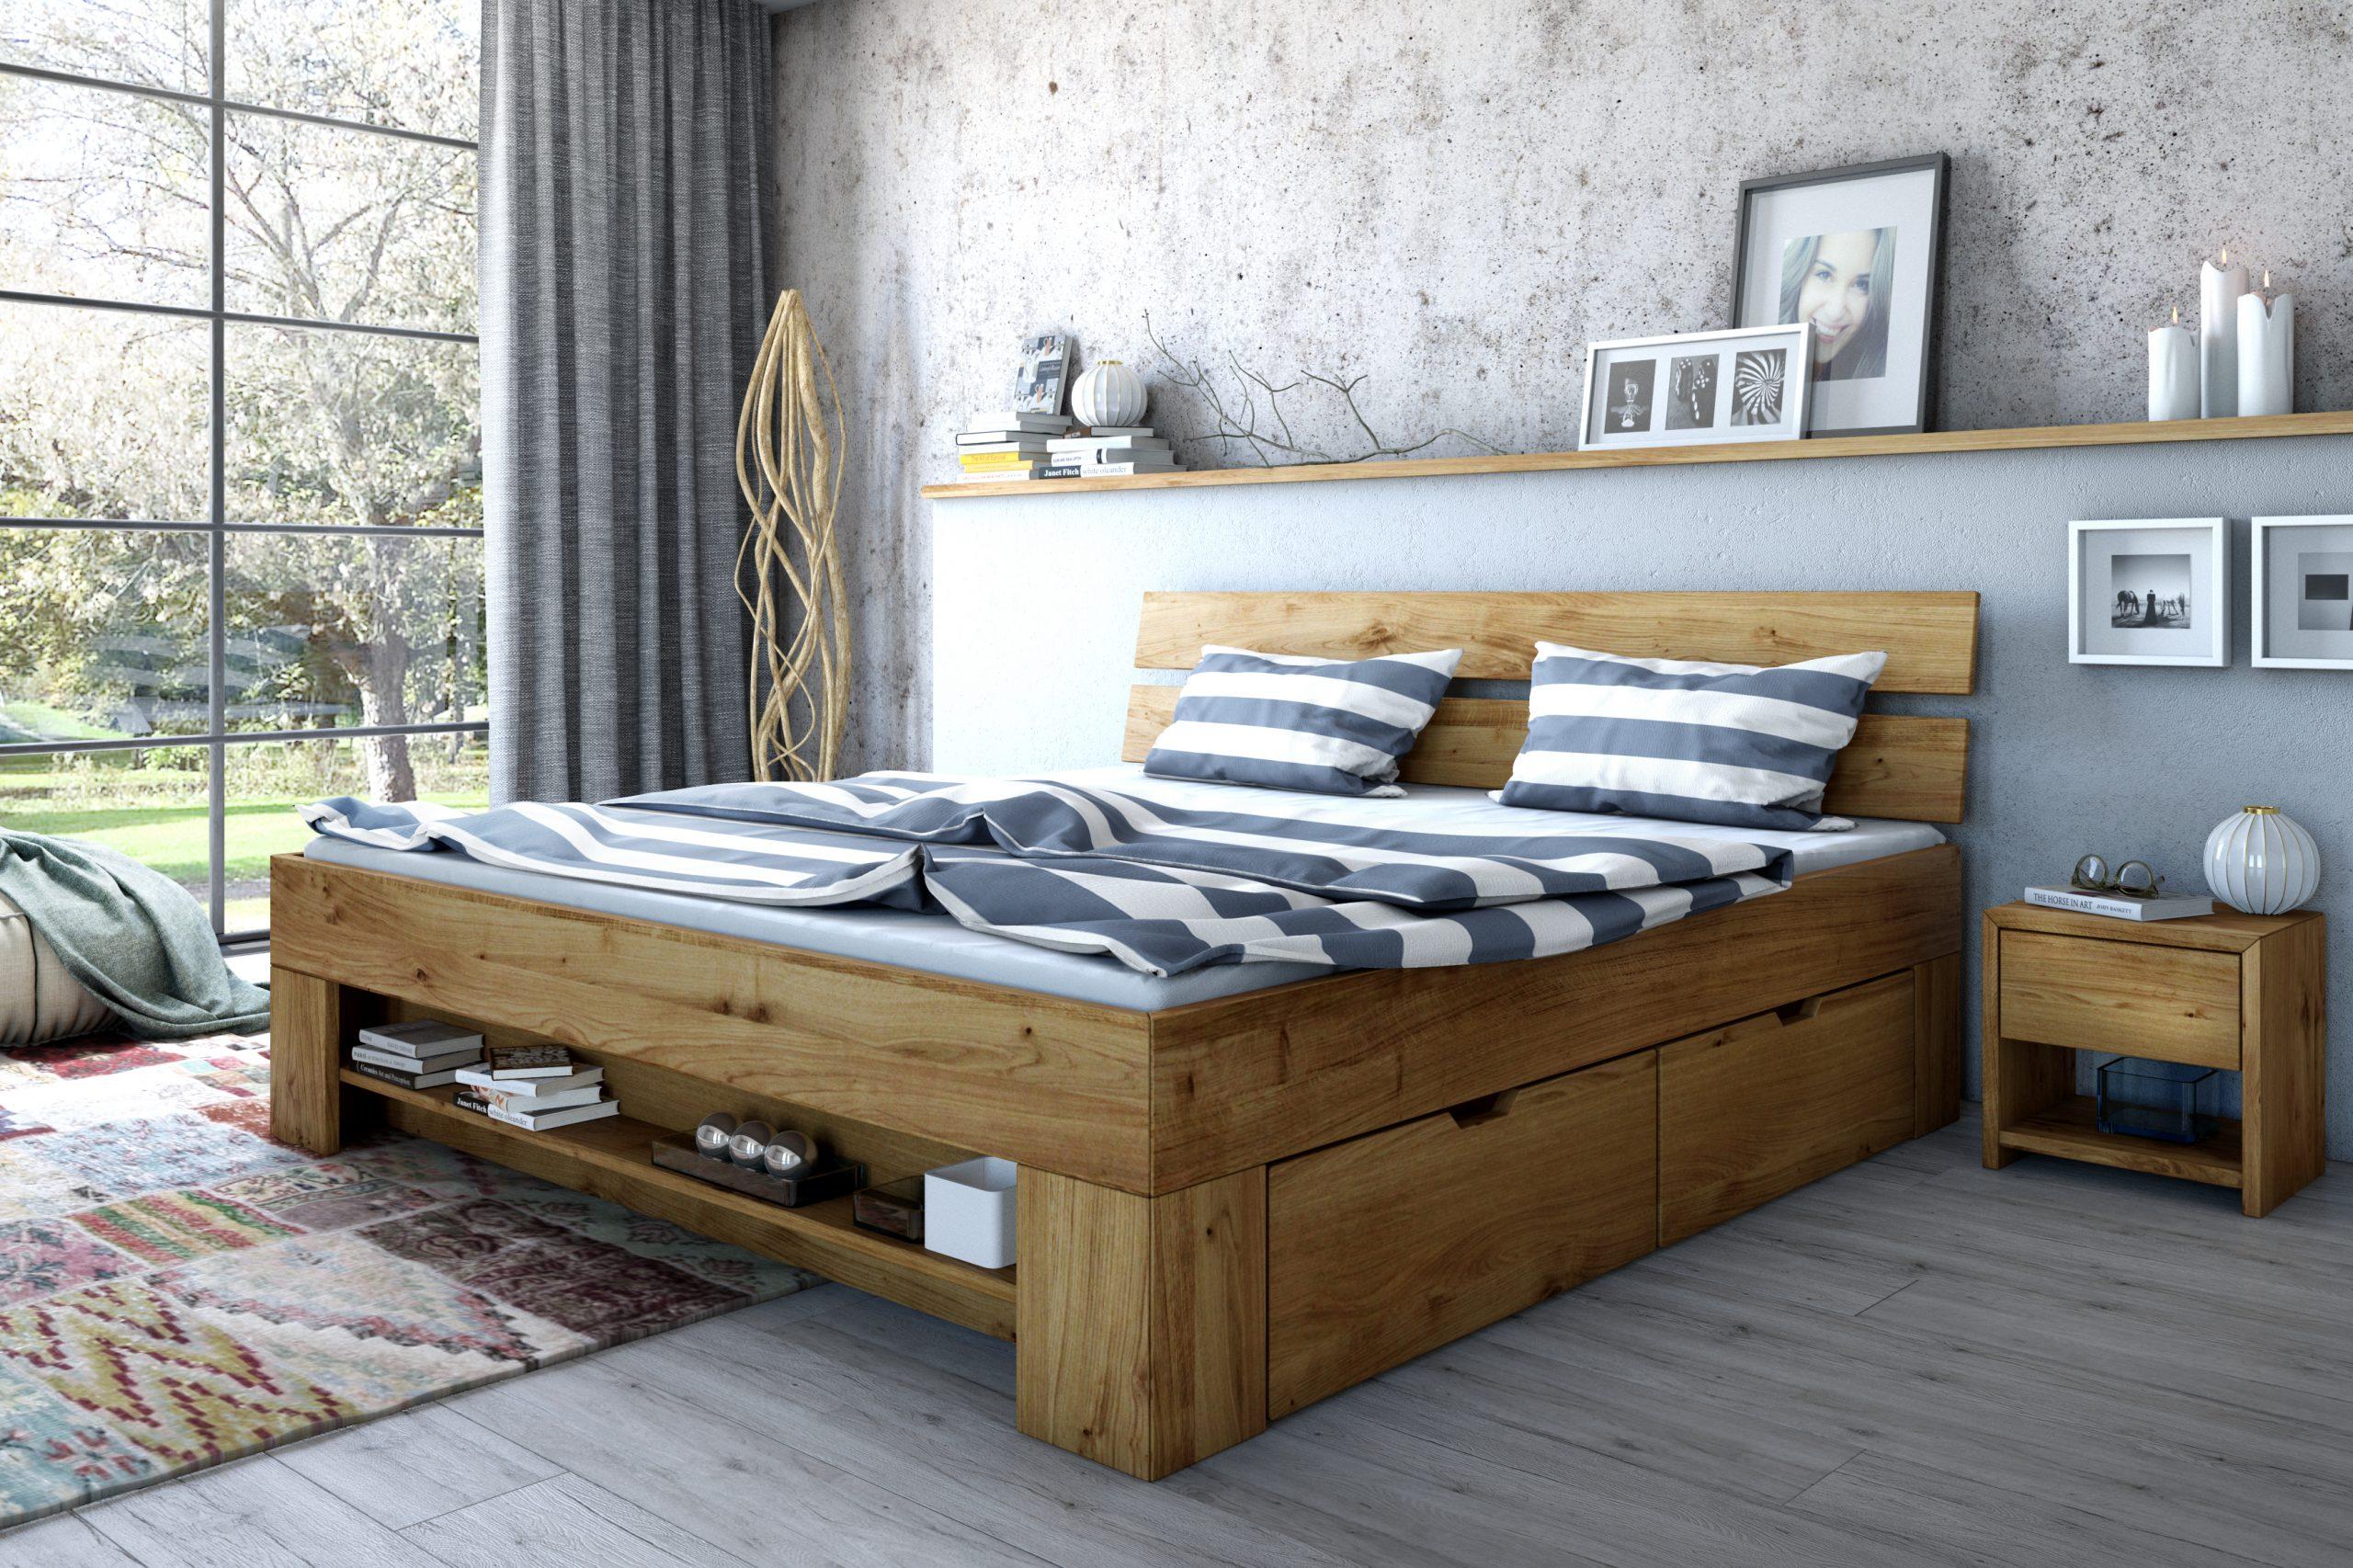 Full Size of Hohe Betten Bei Ikea Bett Weiß 180x200 Jabo Ebay 100x200 Breckle Bock Nussbaum Hamburg Amazon Antike Günstig Kaufen Xxl Bettkasten Günstige Luxus Paradies Bett Günstige Betten 180x200